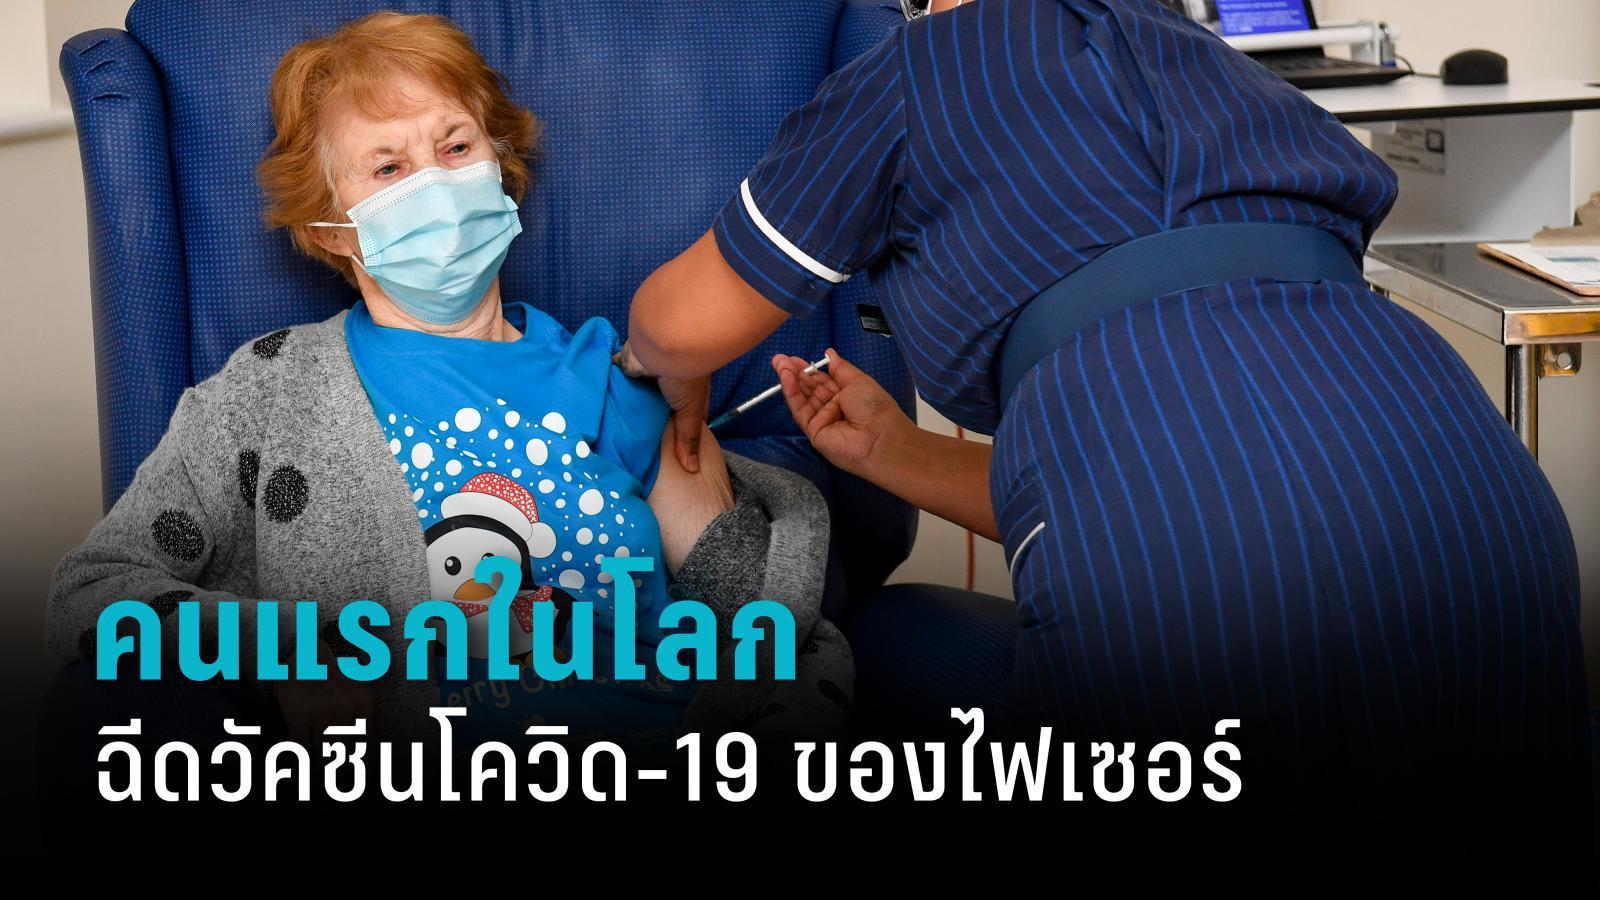 """คุณยายวัย 90 ปี เป็น """"คนแรก"""" ในโลกที่ได้รับวัคซีนโควิด-19 ของไฟเซอร์"""